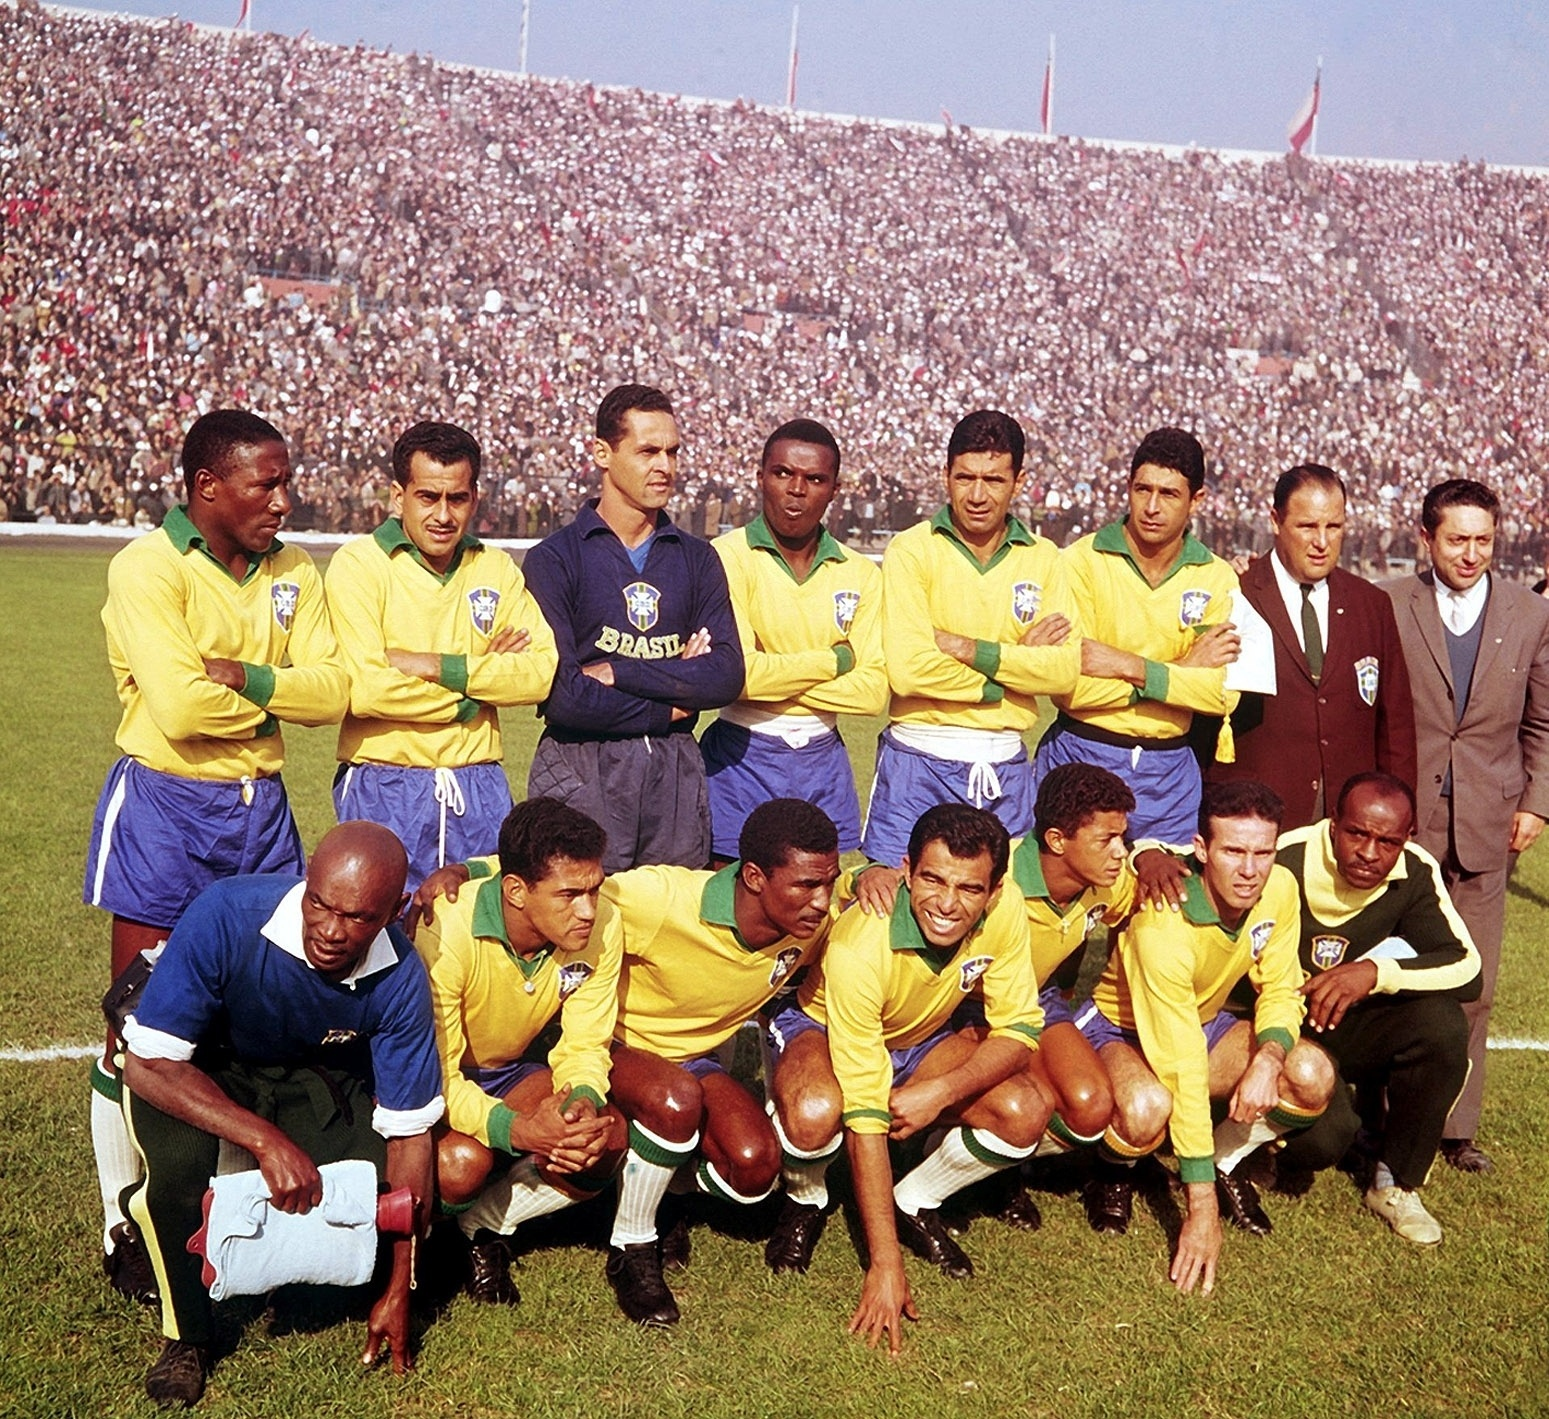 Uma das fotos históricas da coleção de Harley Lima Fernandes é esta: jogadores da seleção brasileira posam antes da semifinal da Copa do Mundo-1962 contra o Chile